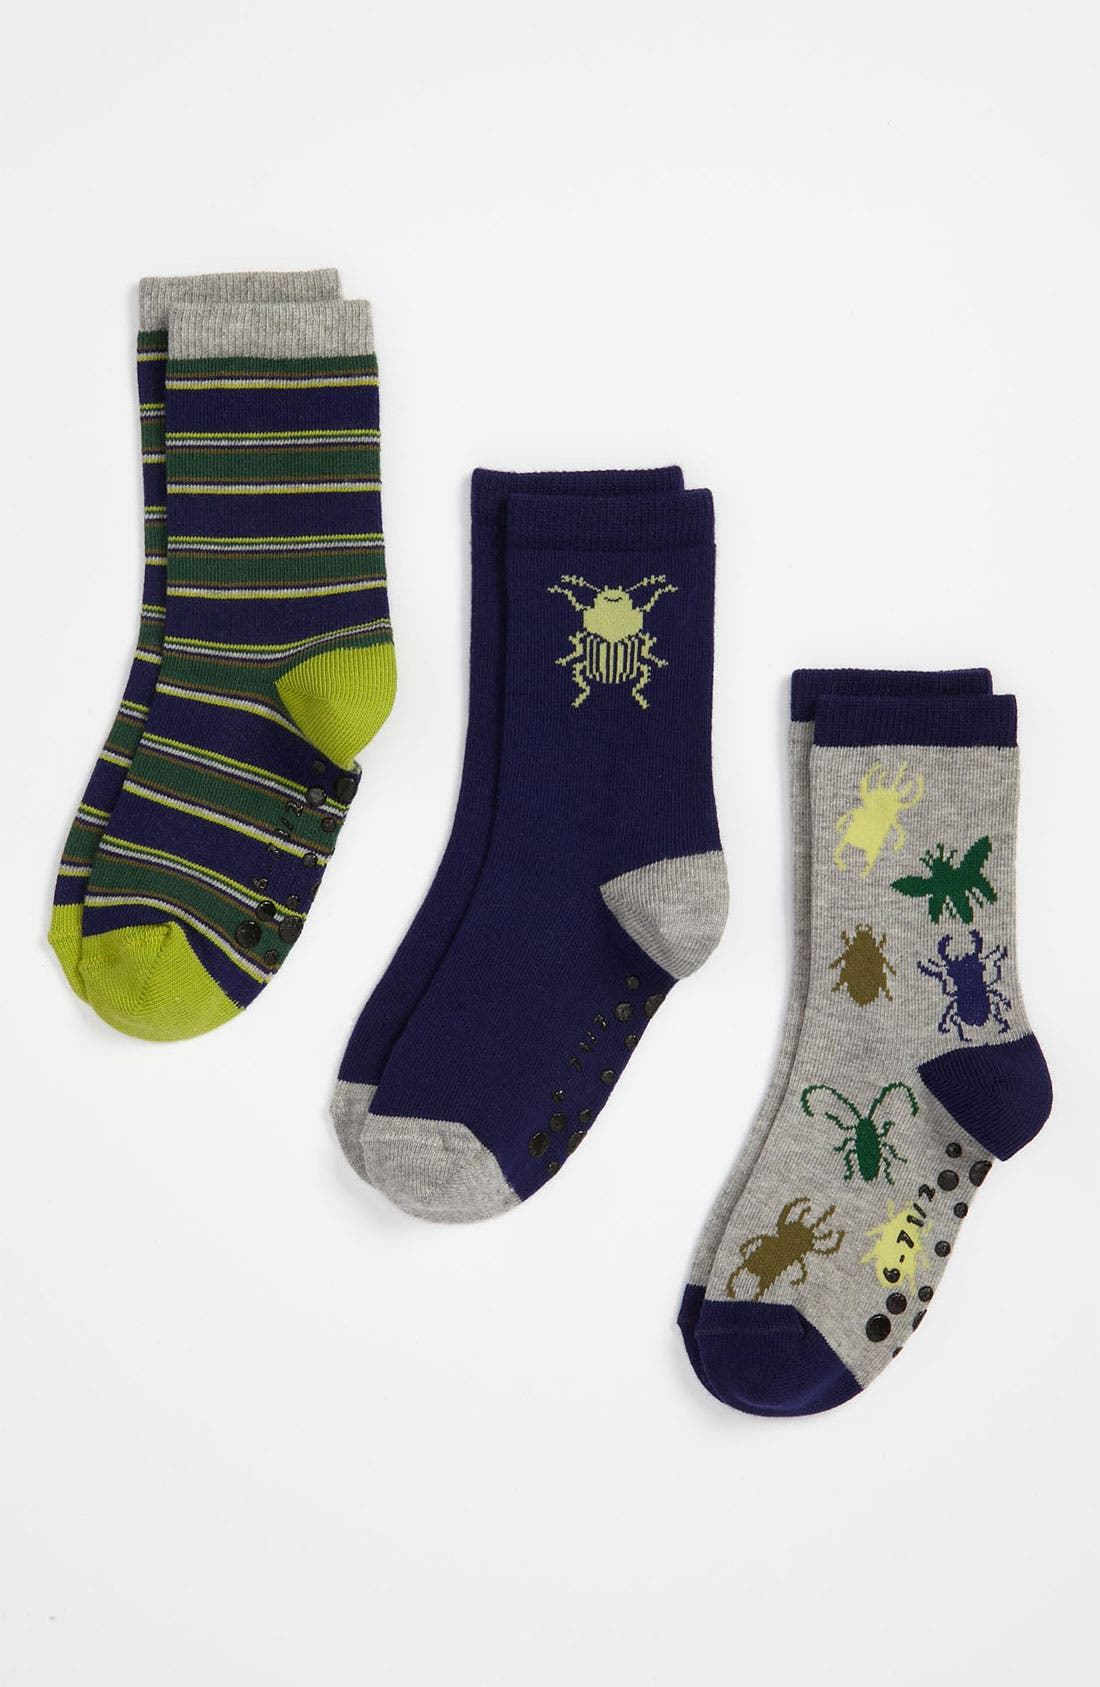 Alternate Image 1 Selected - Nordstrom 'Bug City' Crew Socks (3-Pack) (Toddler & Little Boys)